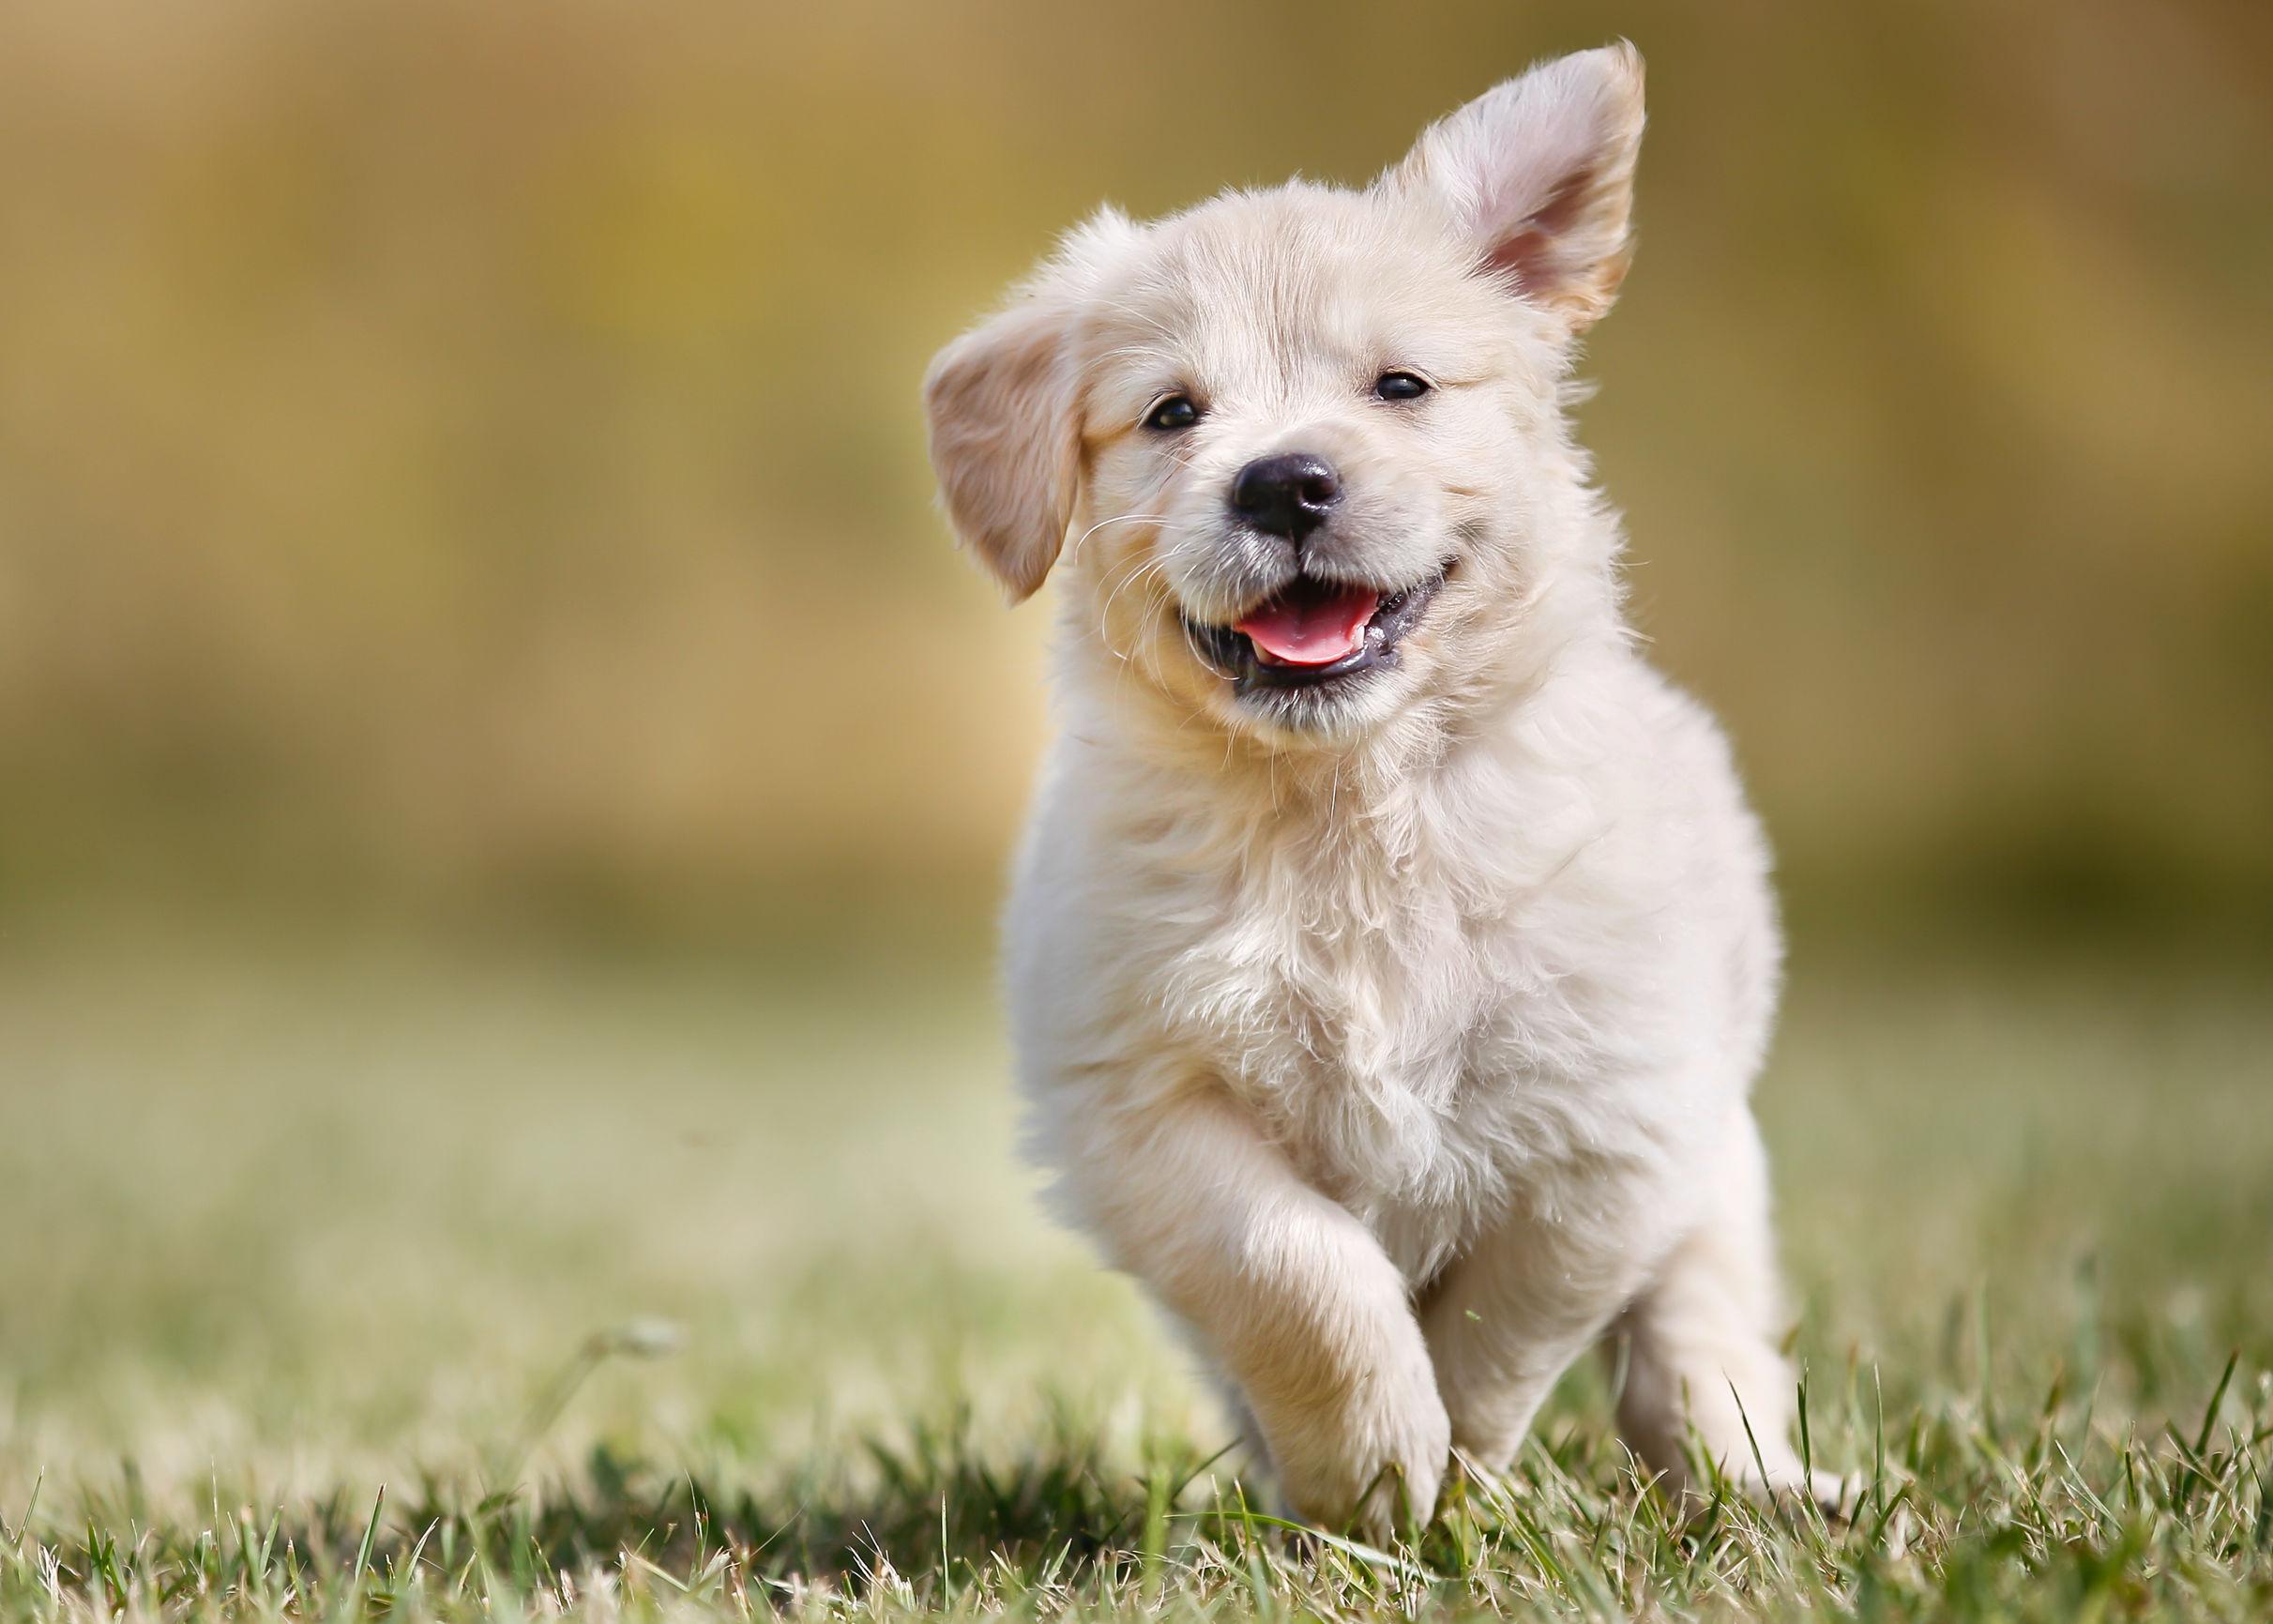 Miglior antiparassitario per cani in compresse 2020: Guida all'acquisto